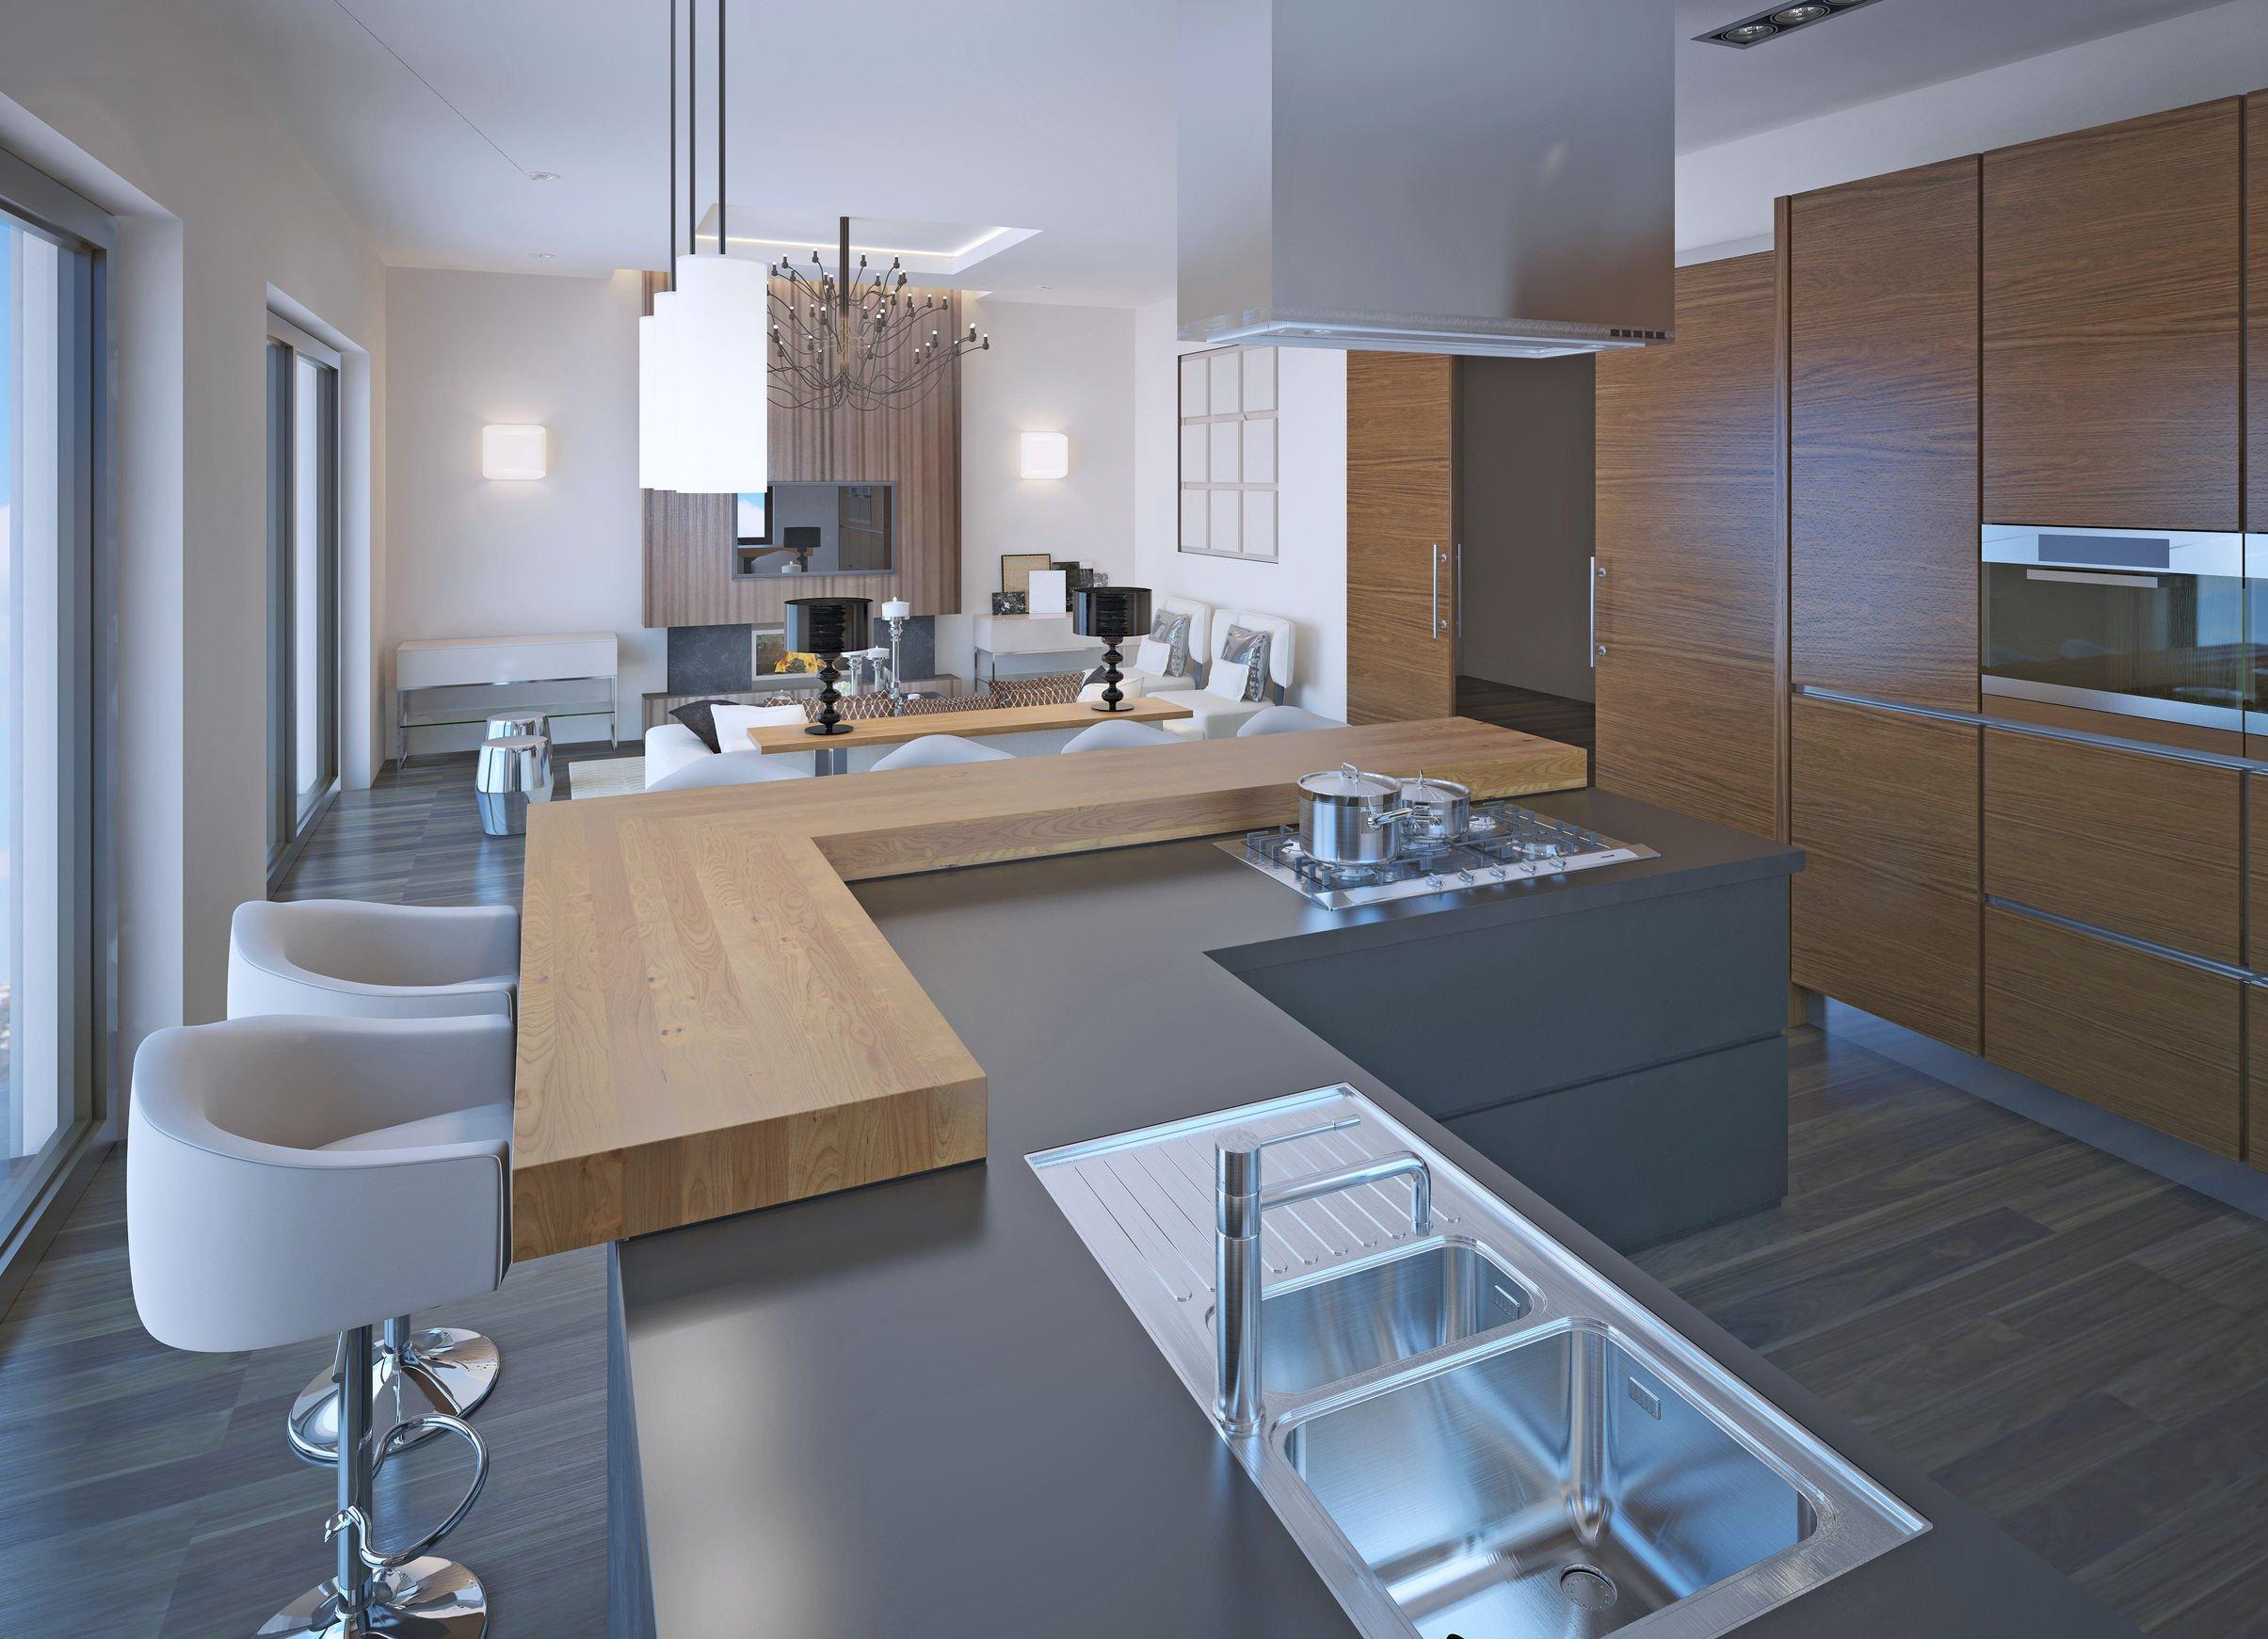 arredamento mobili cucina su misura falegnameria artigianale Rivolta